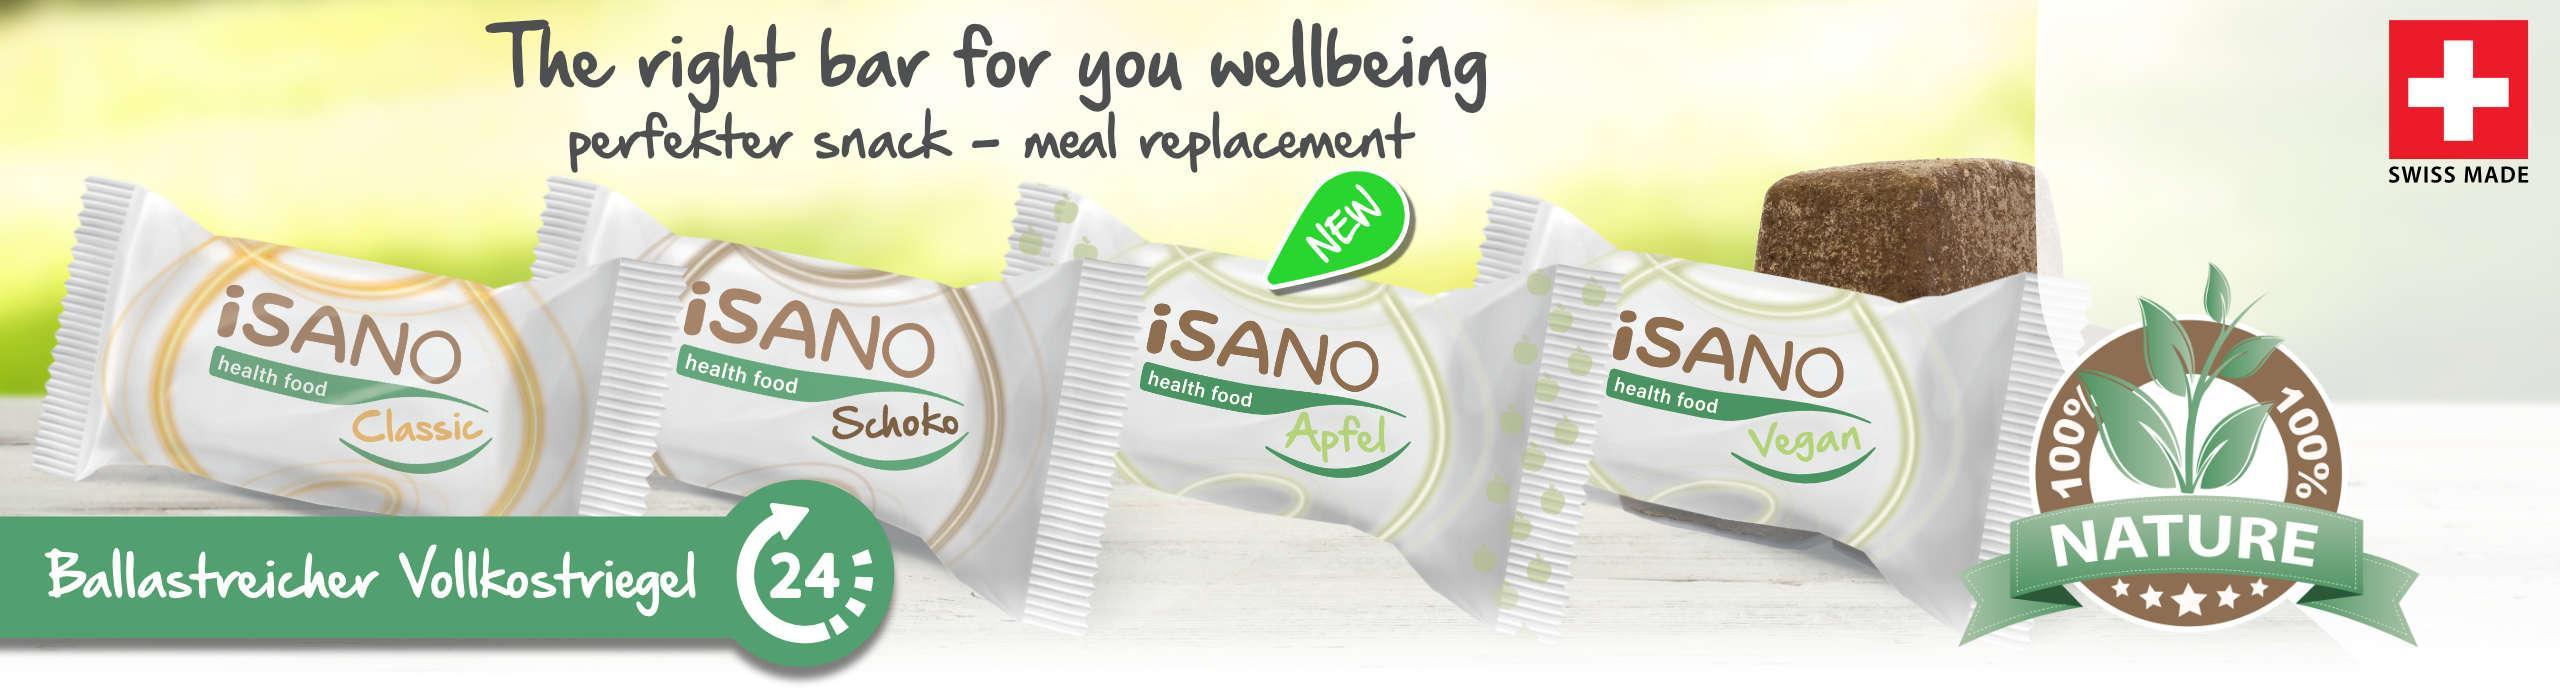 iSano-Banner-Homepage-01-EN